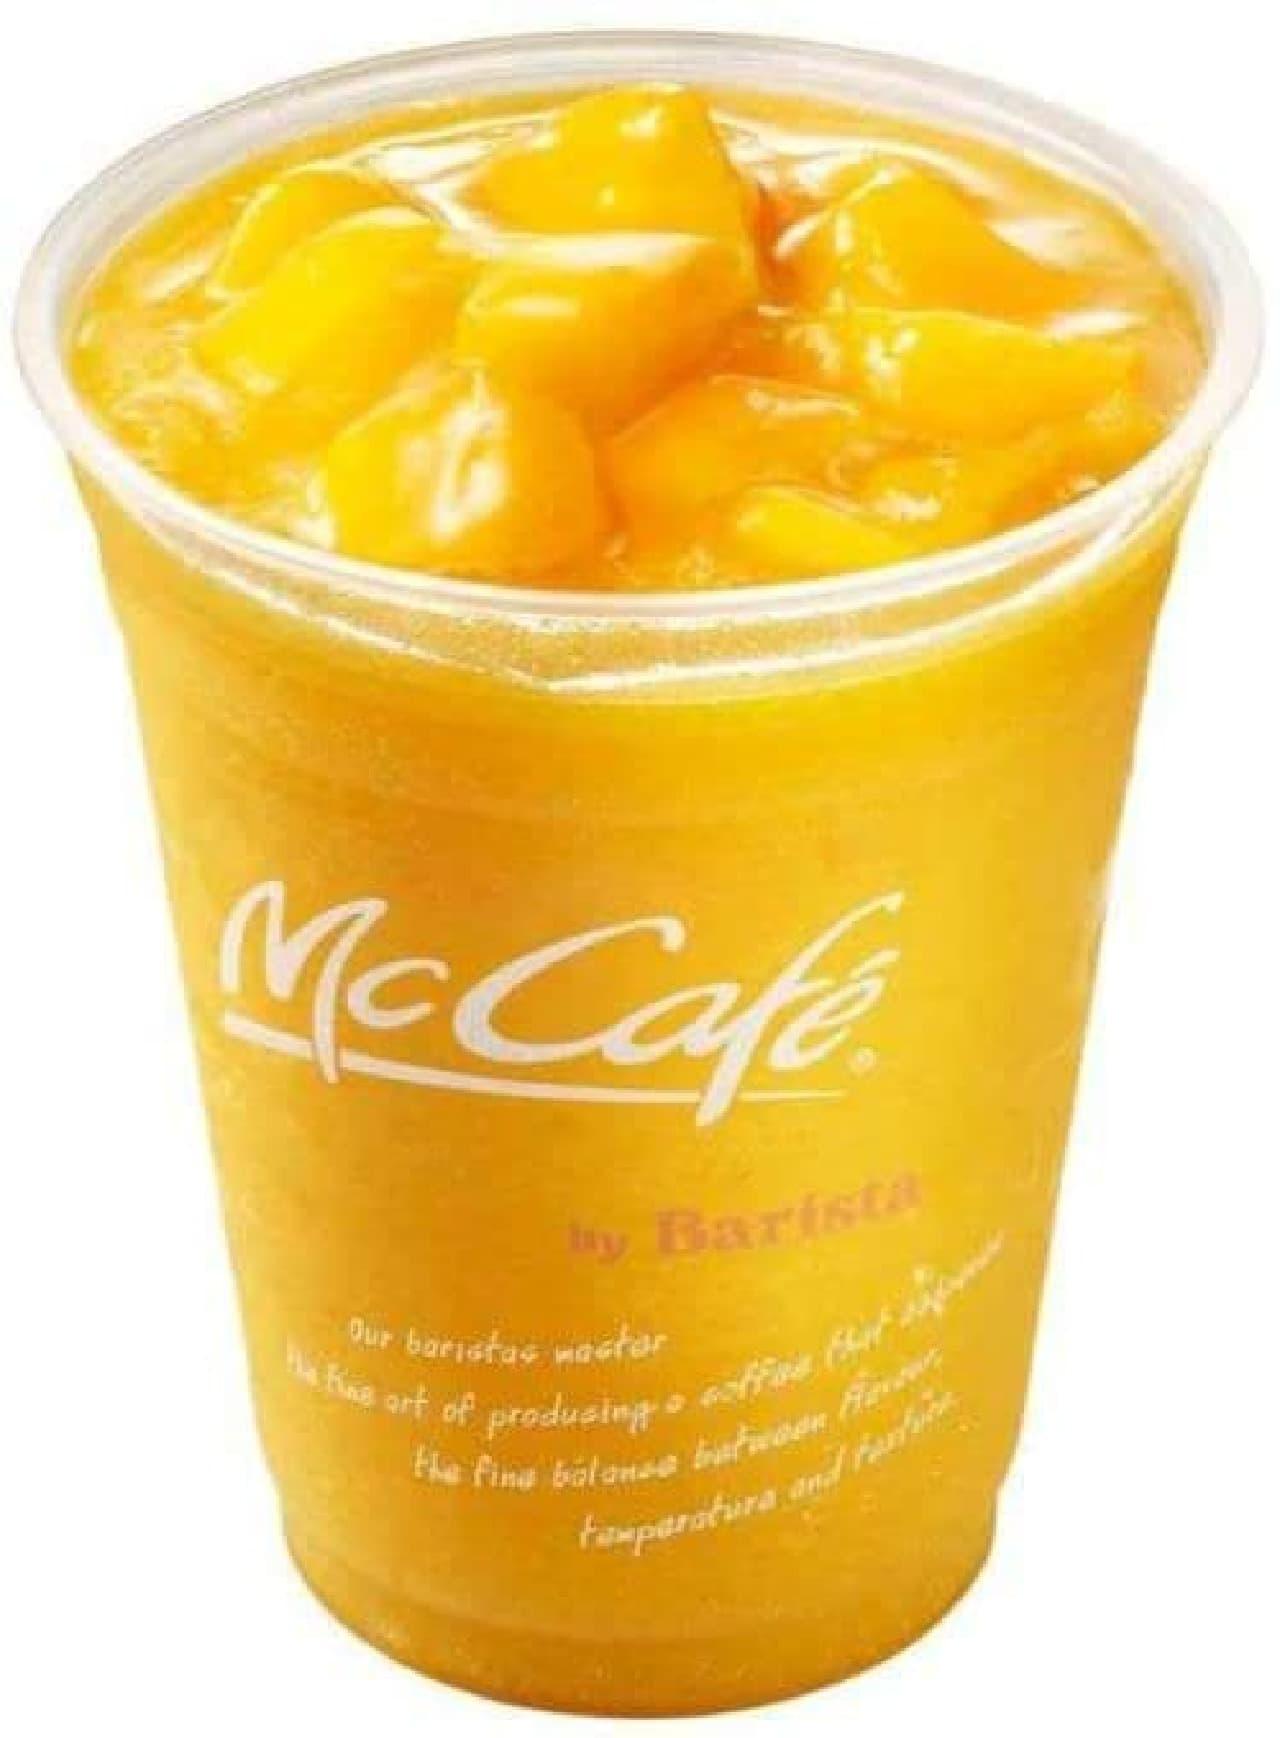 マックカフェ「マンゴー&パッションフルーツスムージー」